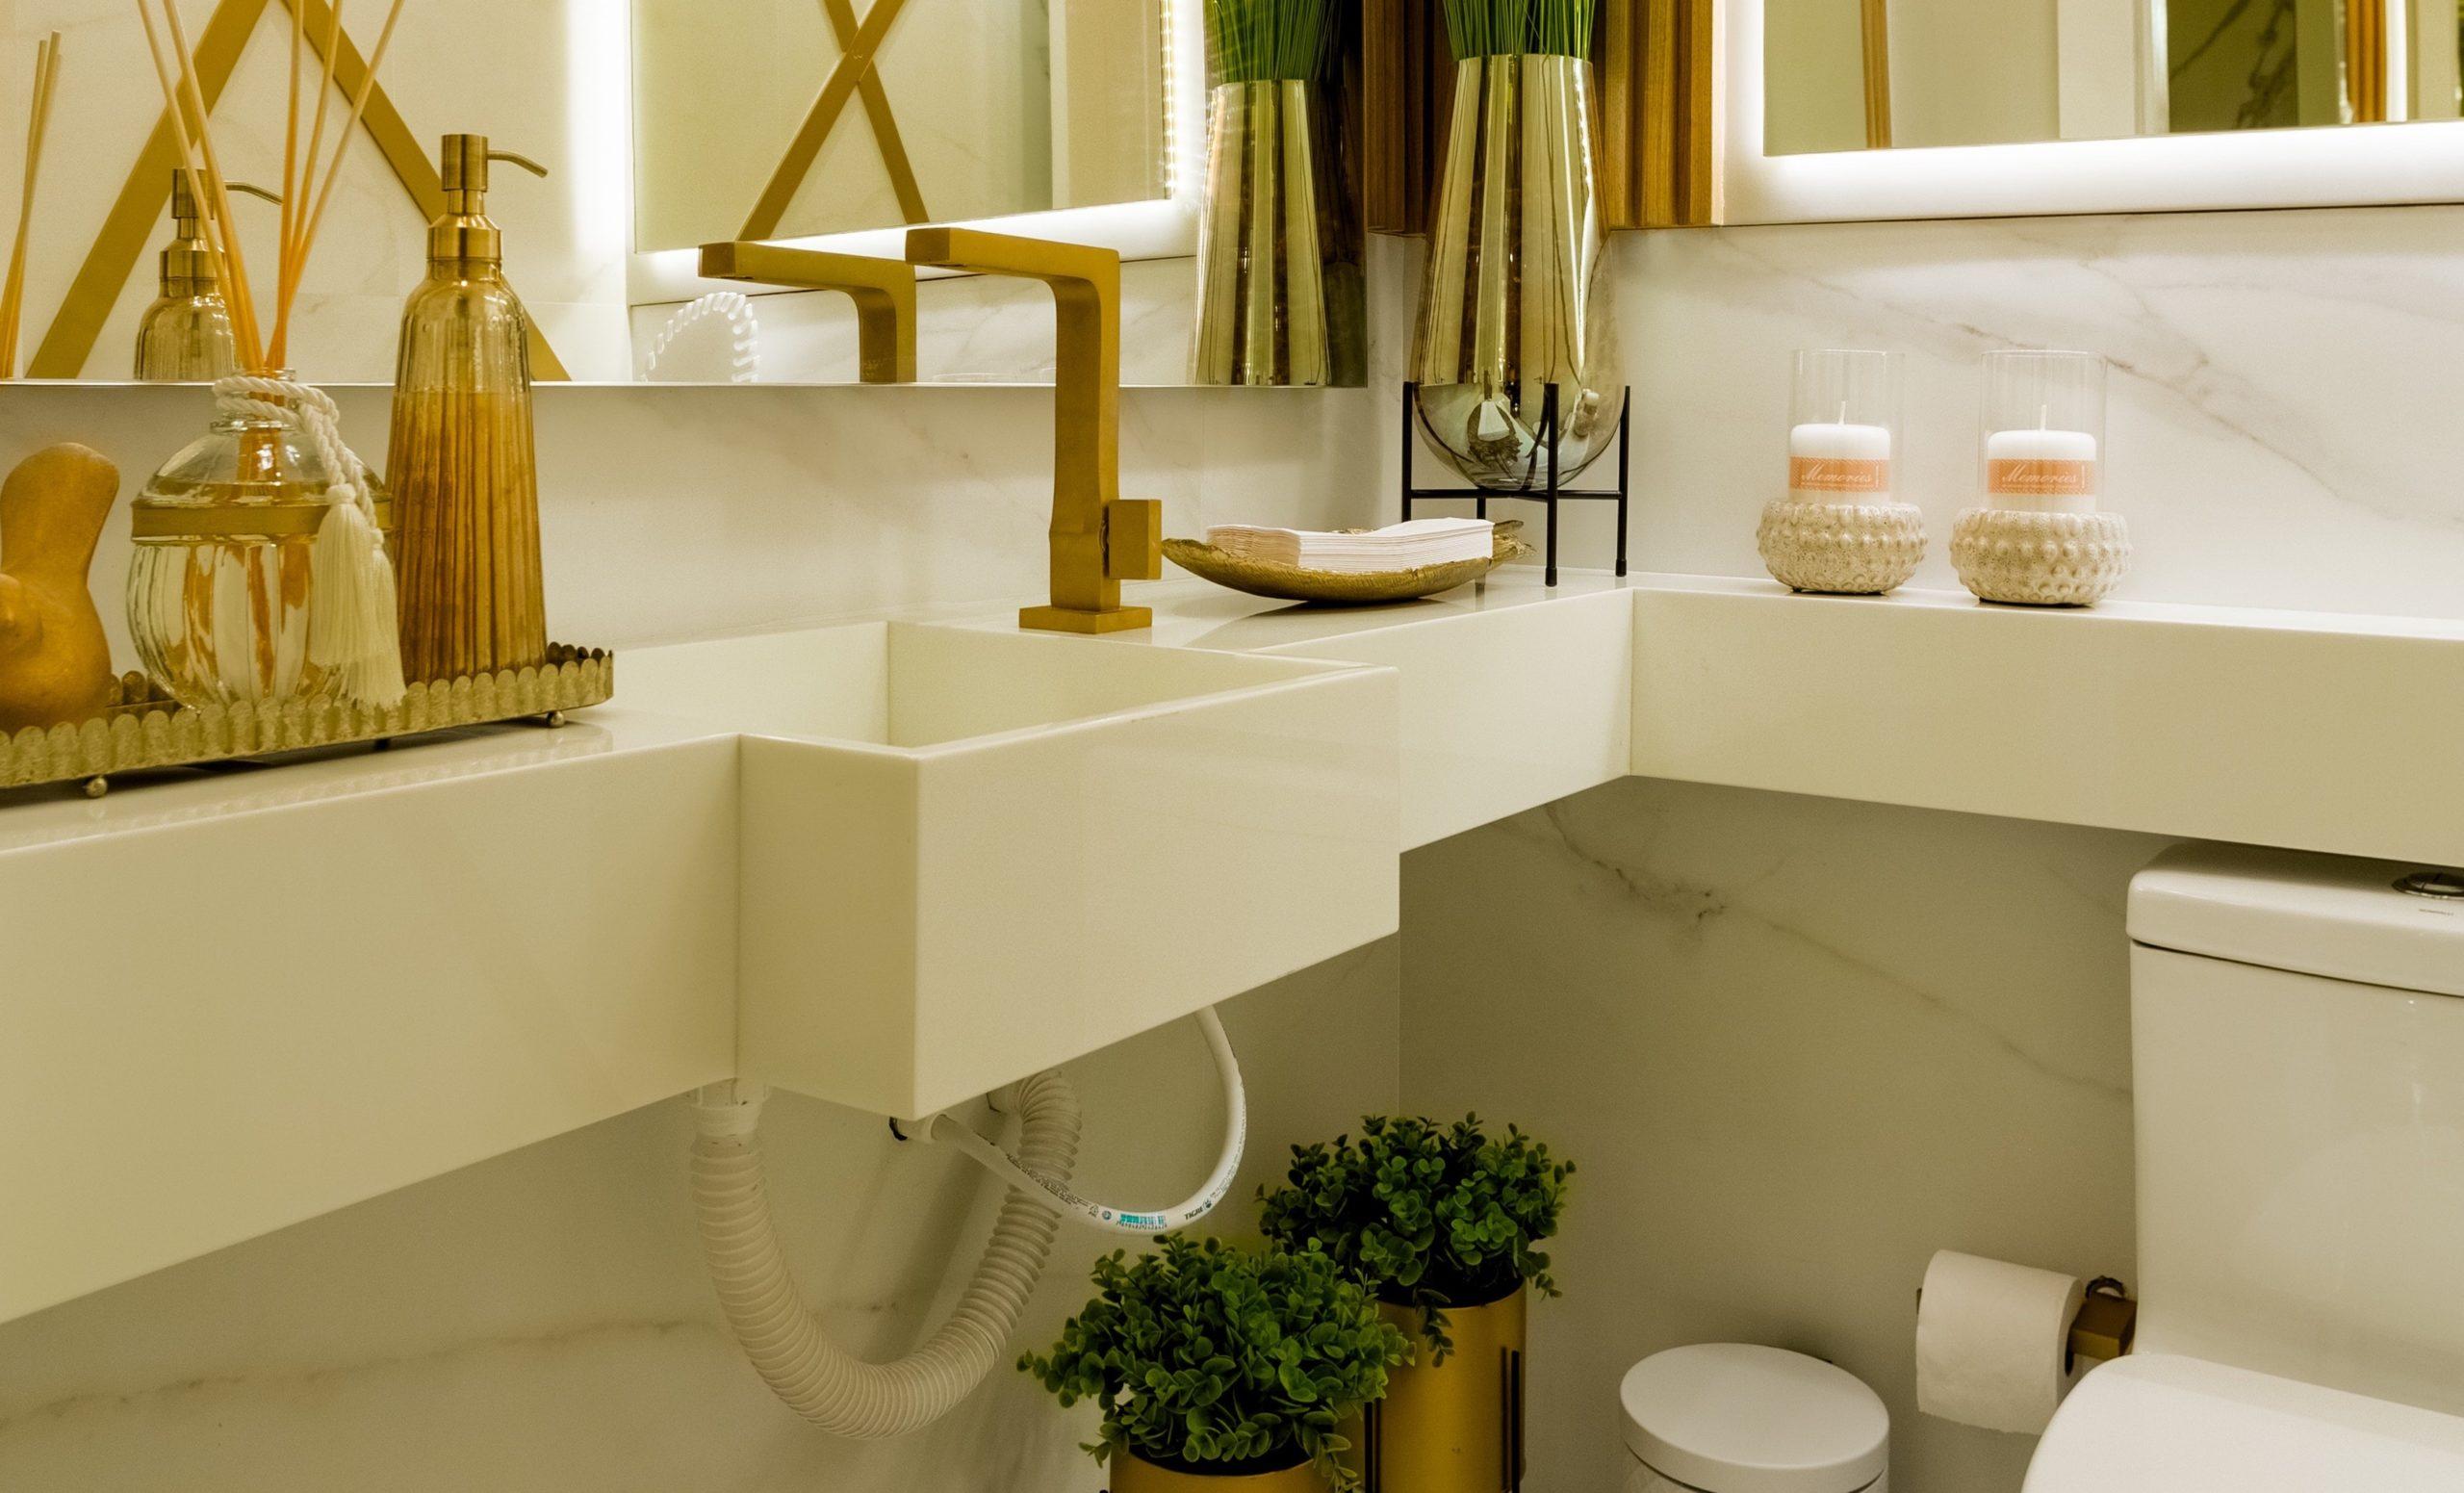 Salle De Bain Com 5 décorations de salle de bains tendance en 2020 -